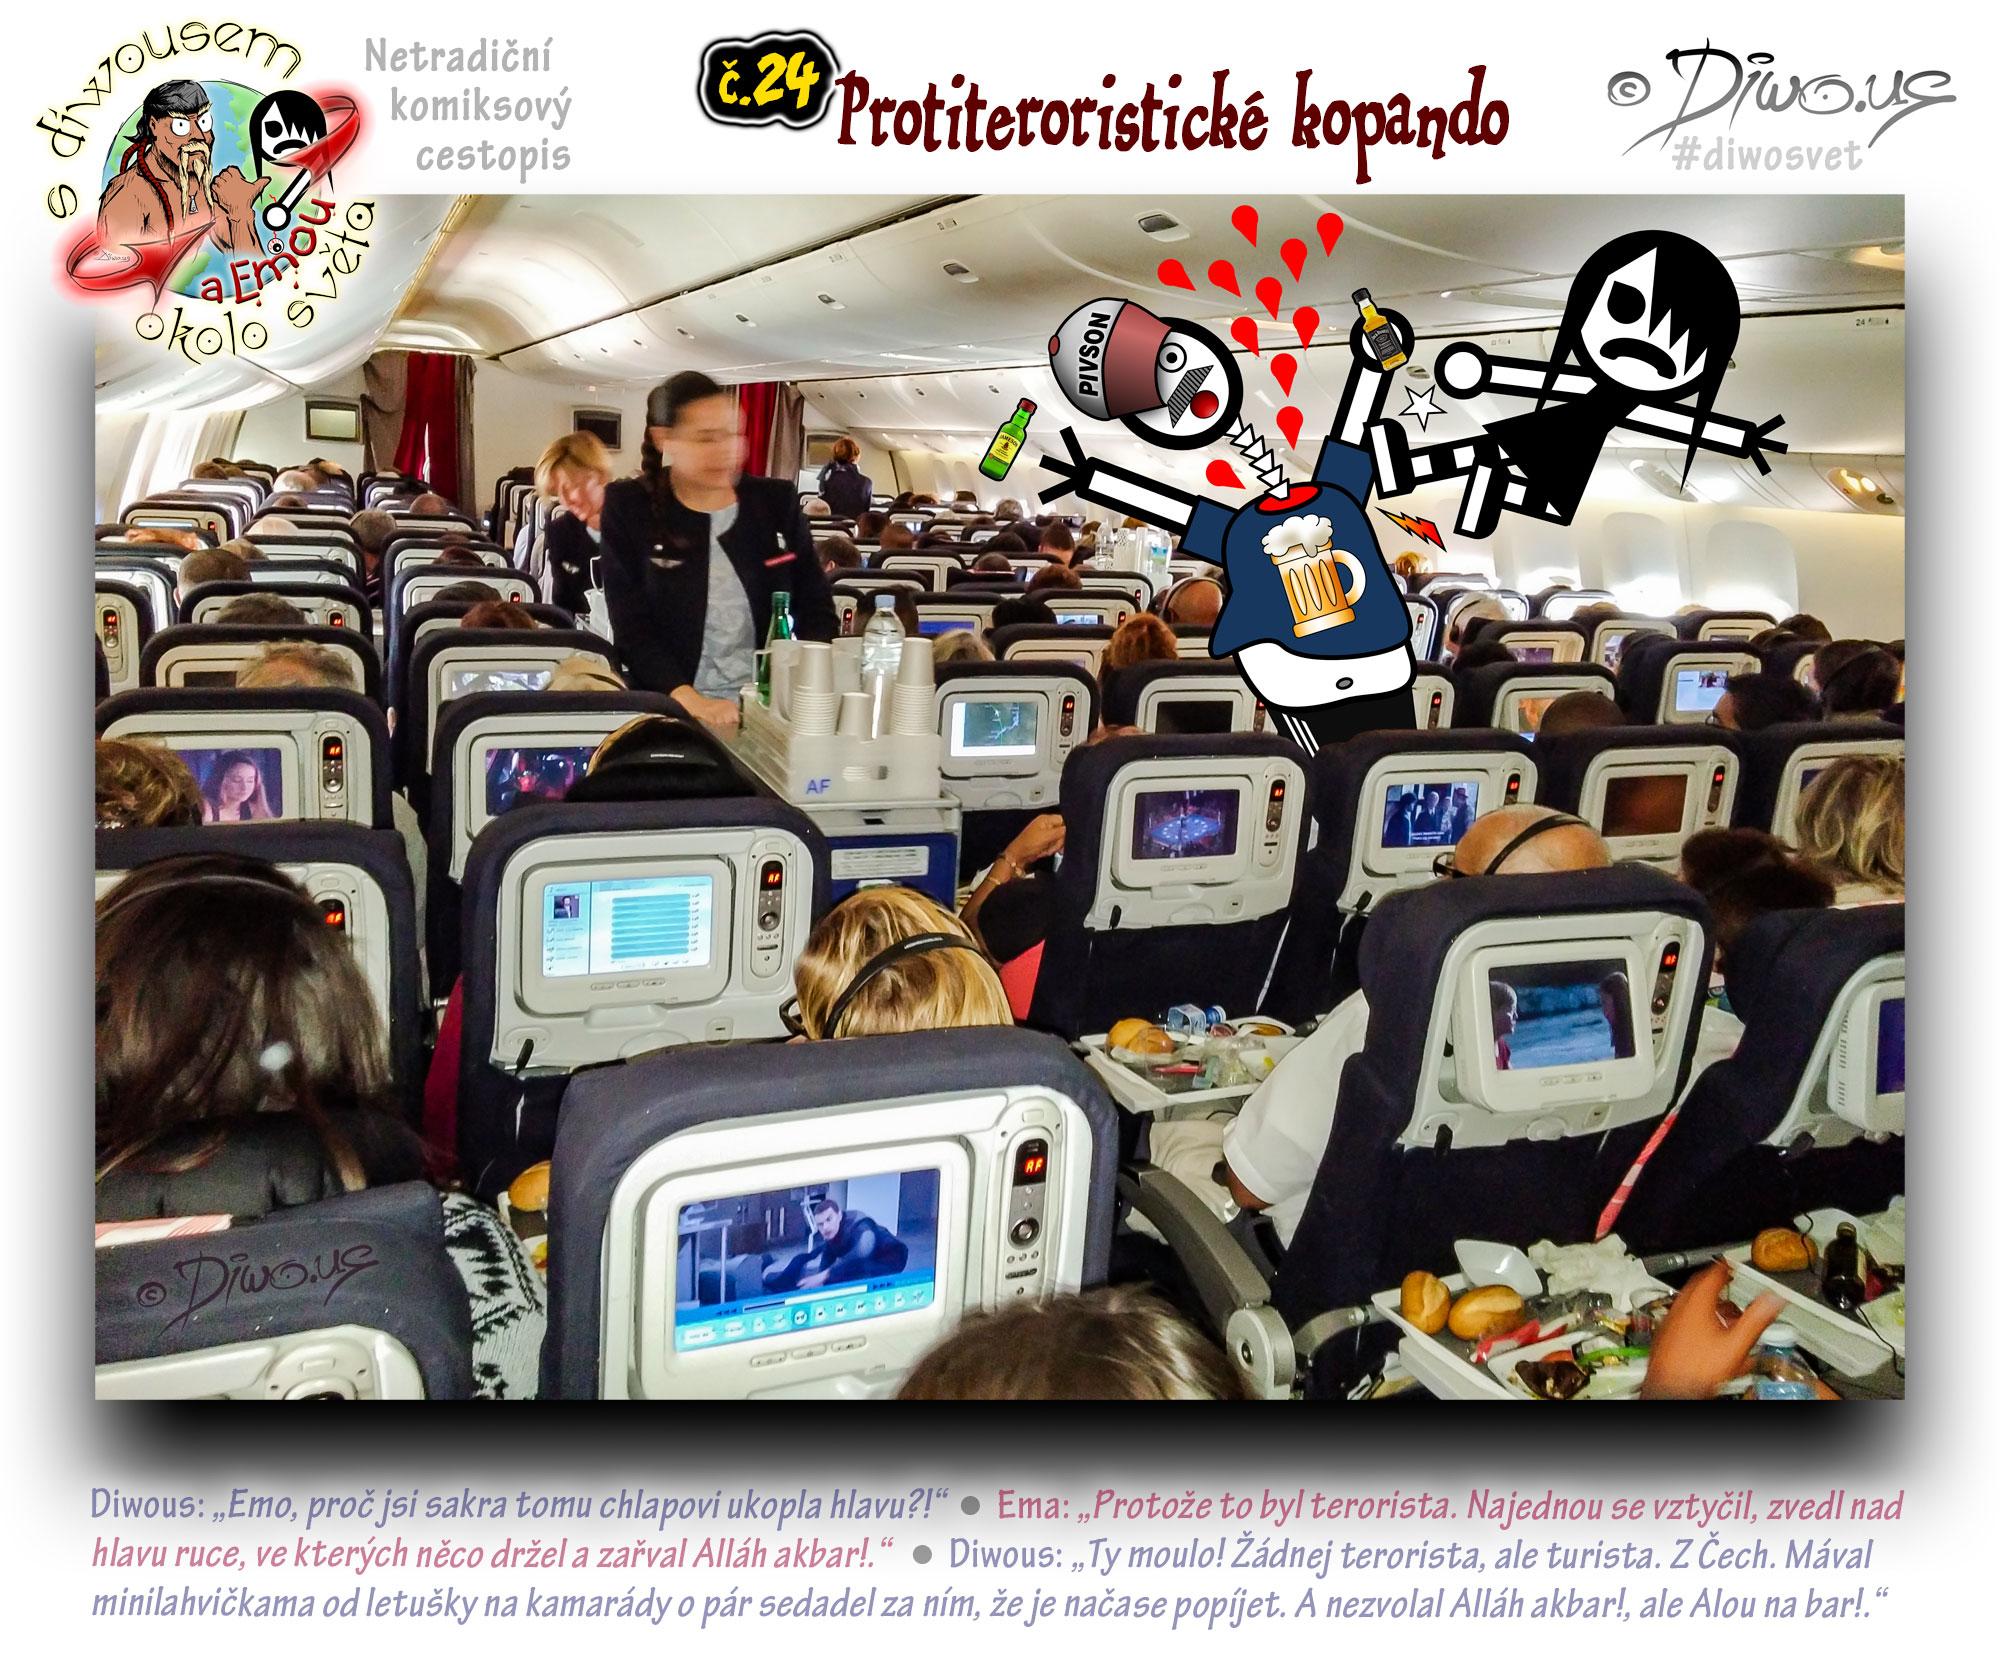 Diwous - netradiční komiksový cestopis, Ema, Boeing 777, cestující, obrazovka, letuška, občerstvení, jídlo, minilahvičky, terorista, turista, pivo tričko, protiteroristické komando, interior, economy cabin, passengers, screen, stewardess, snack, lunch, meal, sky, alcohol, minibottle, beverages, terrorist, tourist, kick, anti-terrorist commando, beer T-shirt, Jack Daniel's Tennessee Whiskey, Jameson Irish Whiskey